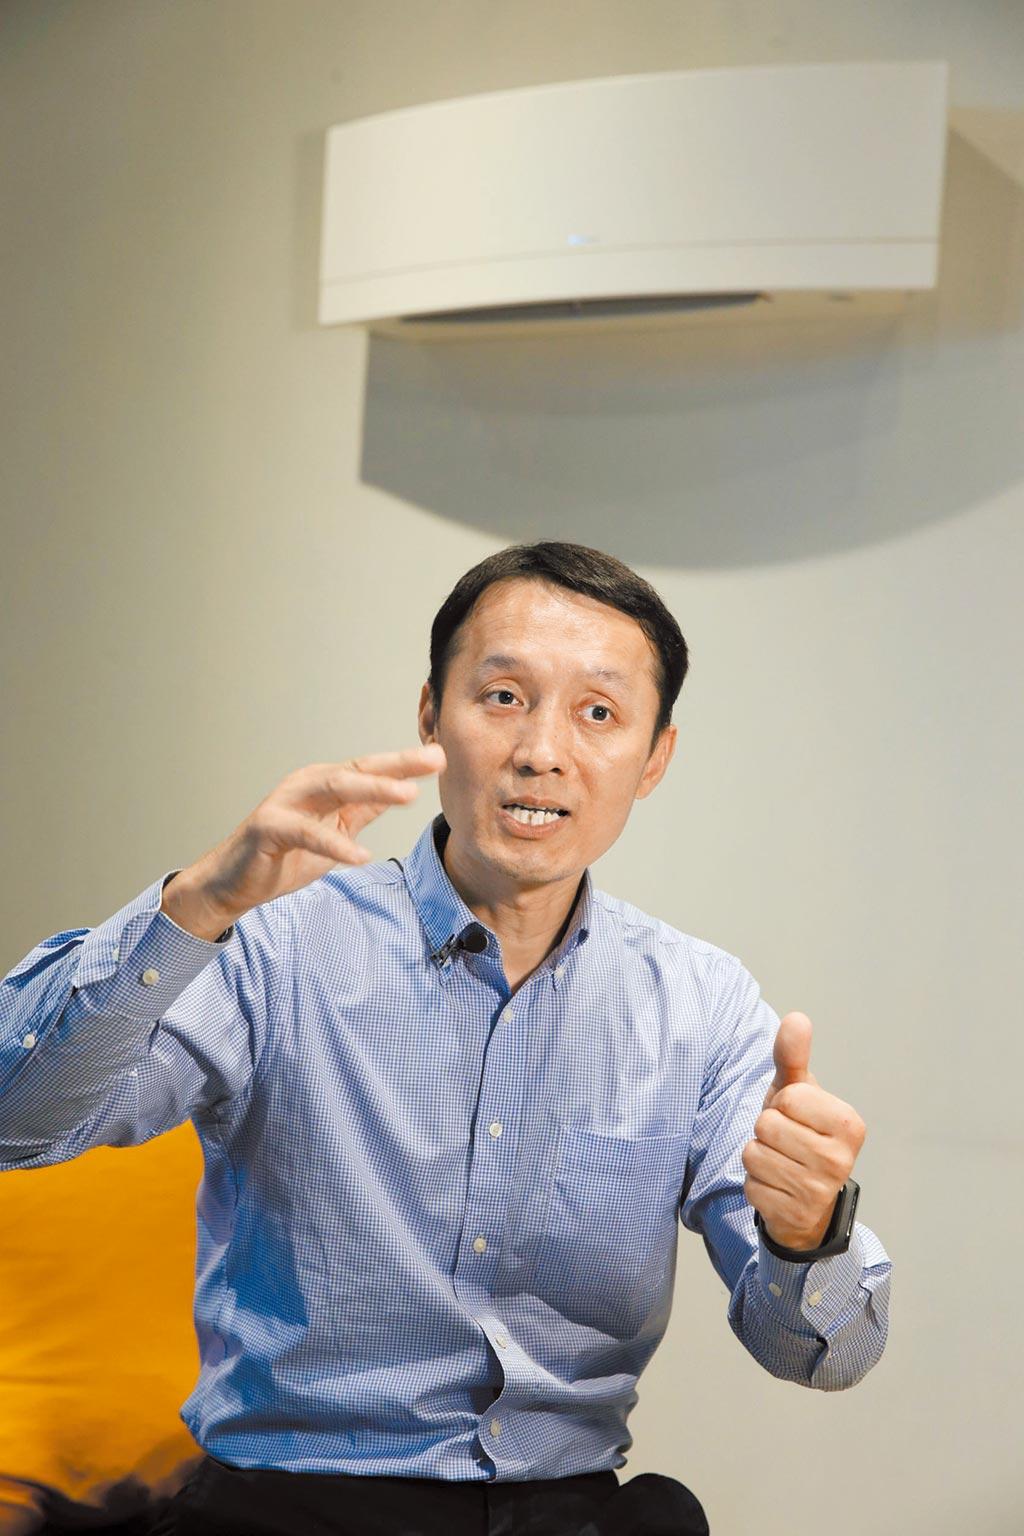 和泰興業營運長黃海清表示,不管是空調或空氣清淨機,適當噸數及效能才能發揮機器最大的效益。(王英豪攝)